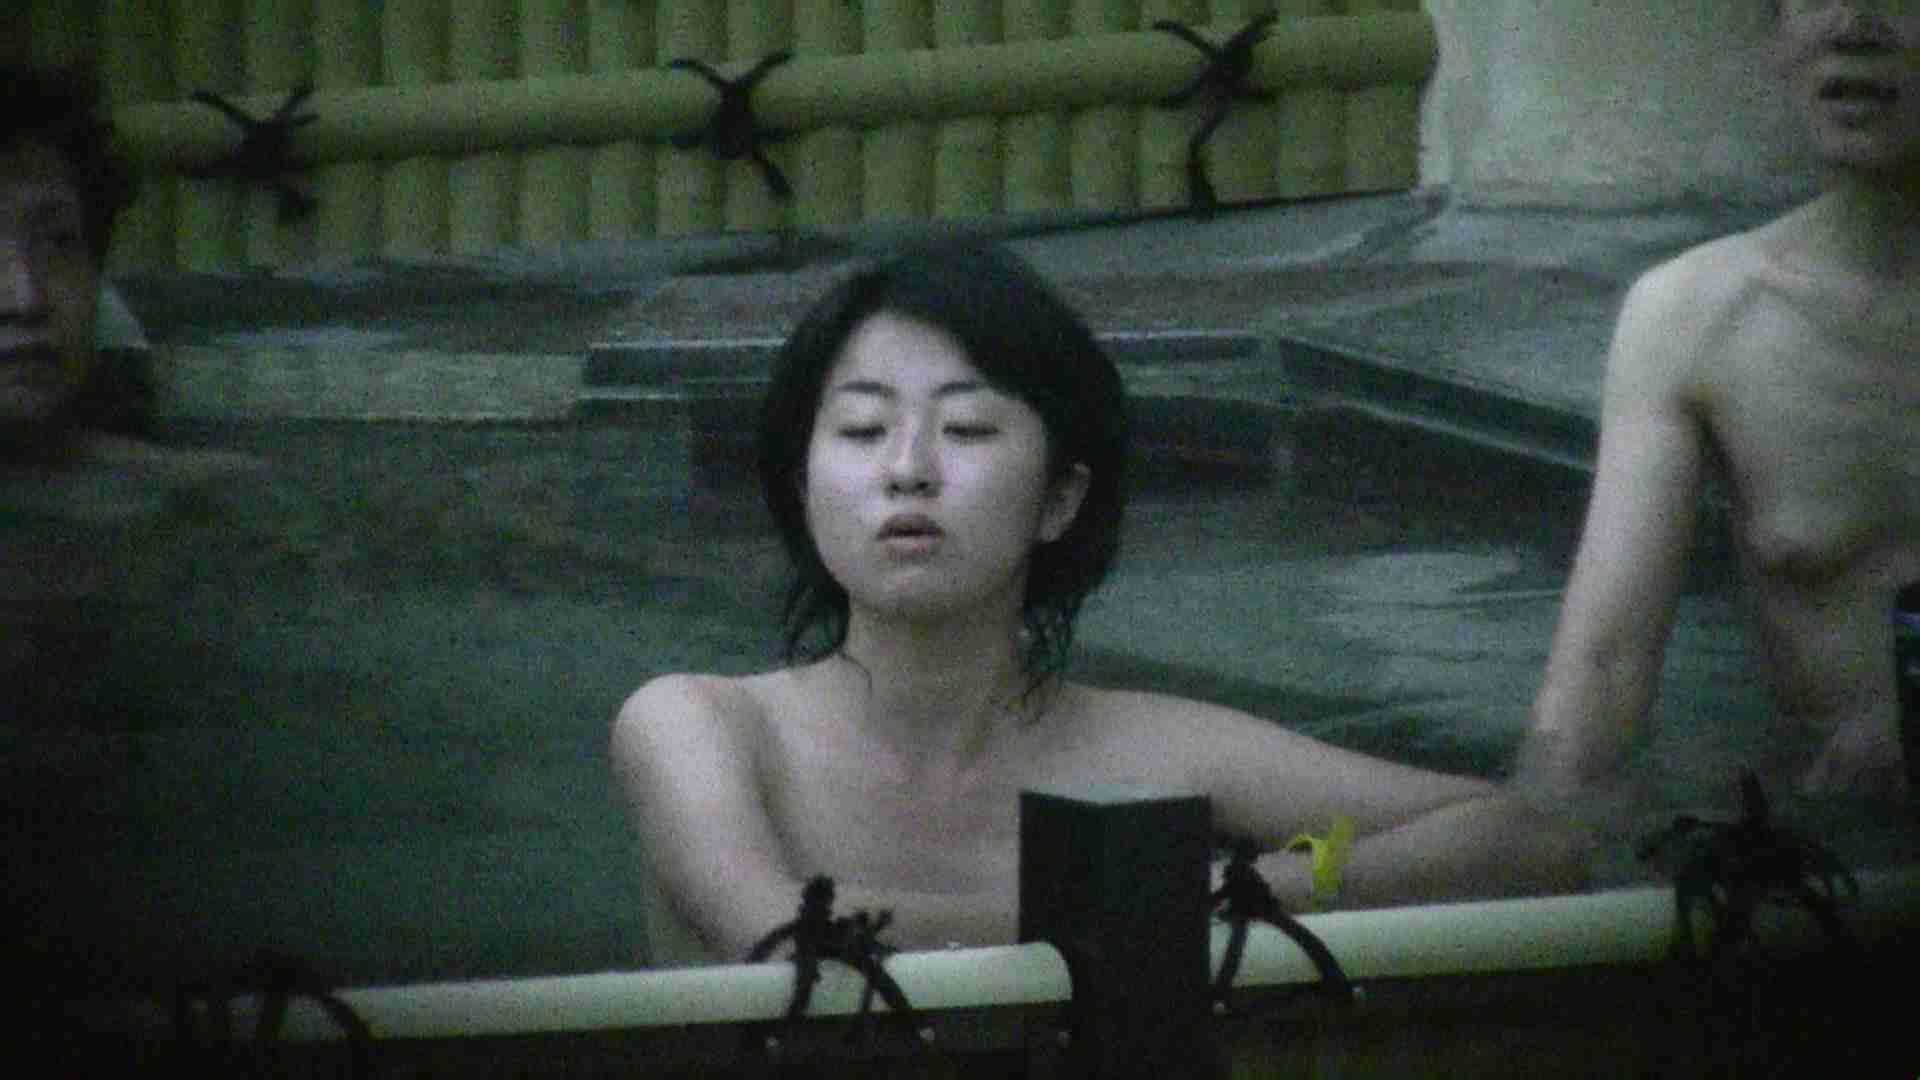 Aquaな露天風呂Vol.112 盗撮シリーズ  93PIX 52